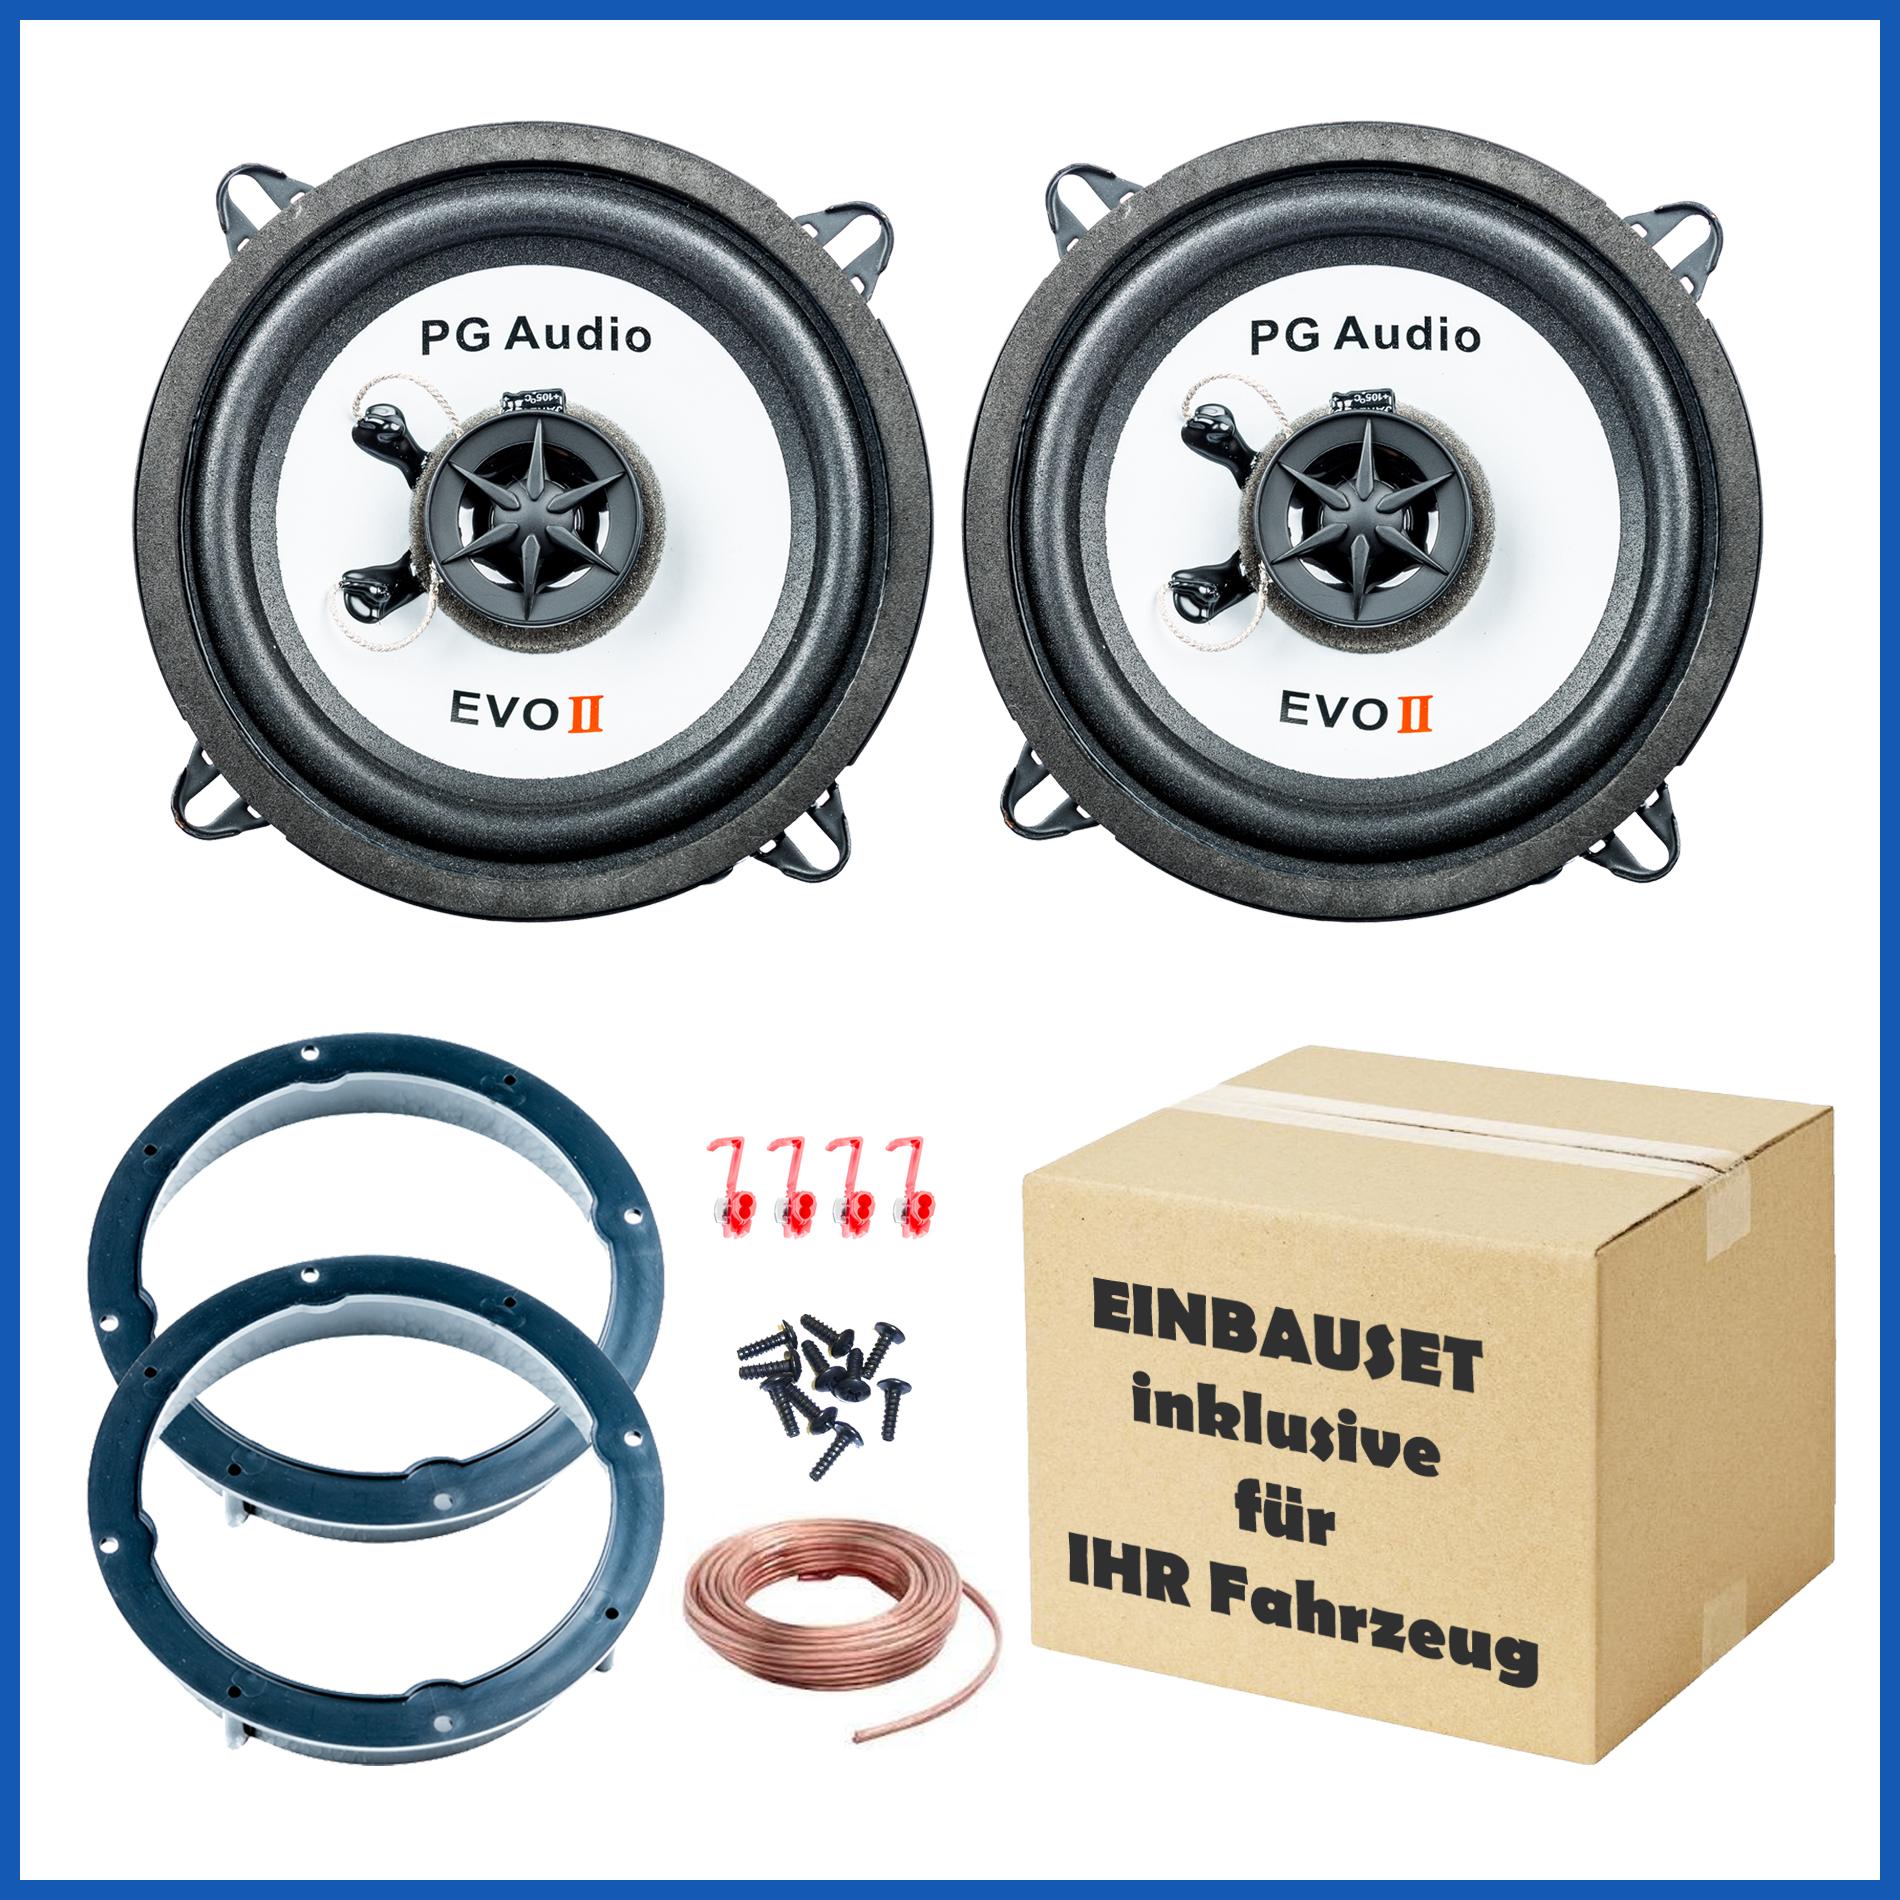 Mazda 2, Lautsprecher Tür Vorne, 2-Wege-Koax, Coax inkl. Adapterringe